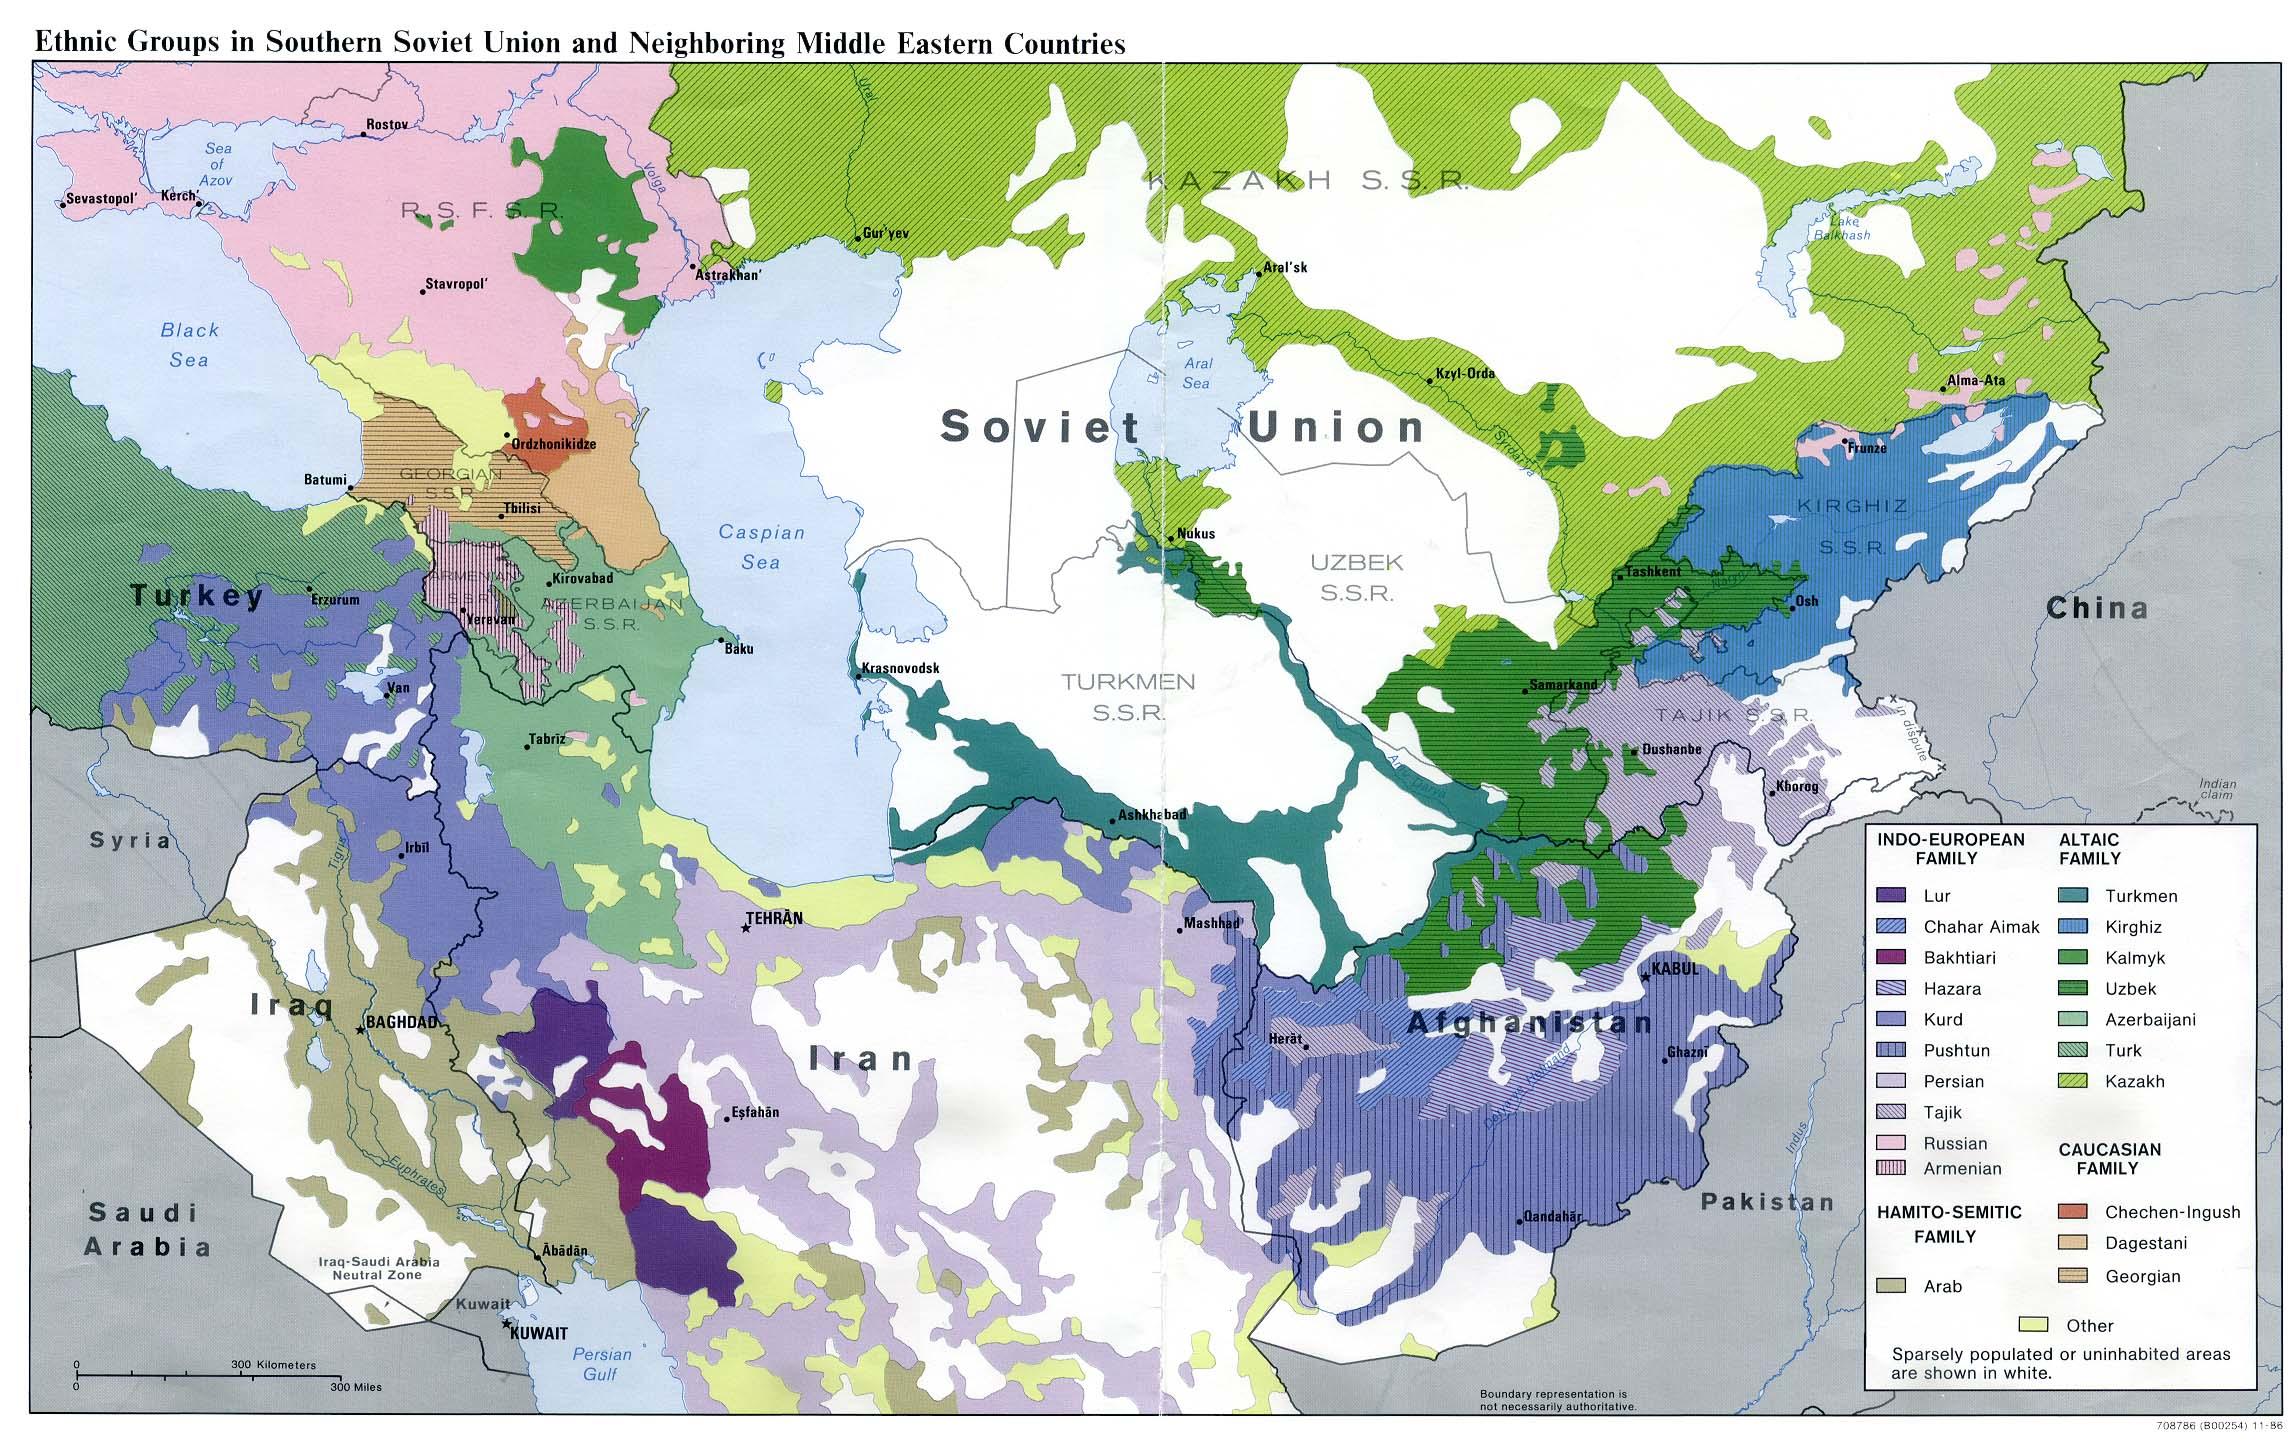 Mapa de los Grupos Étnicos del sur de la Unión Soviética y de los Países Vecinos del Oriente Medio